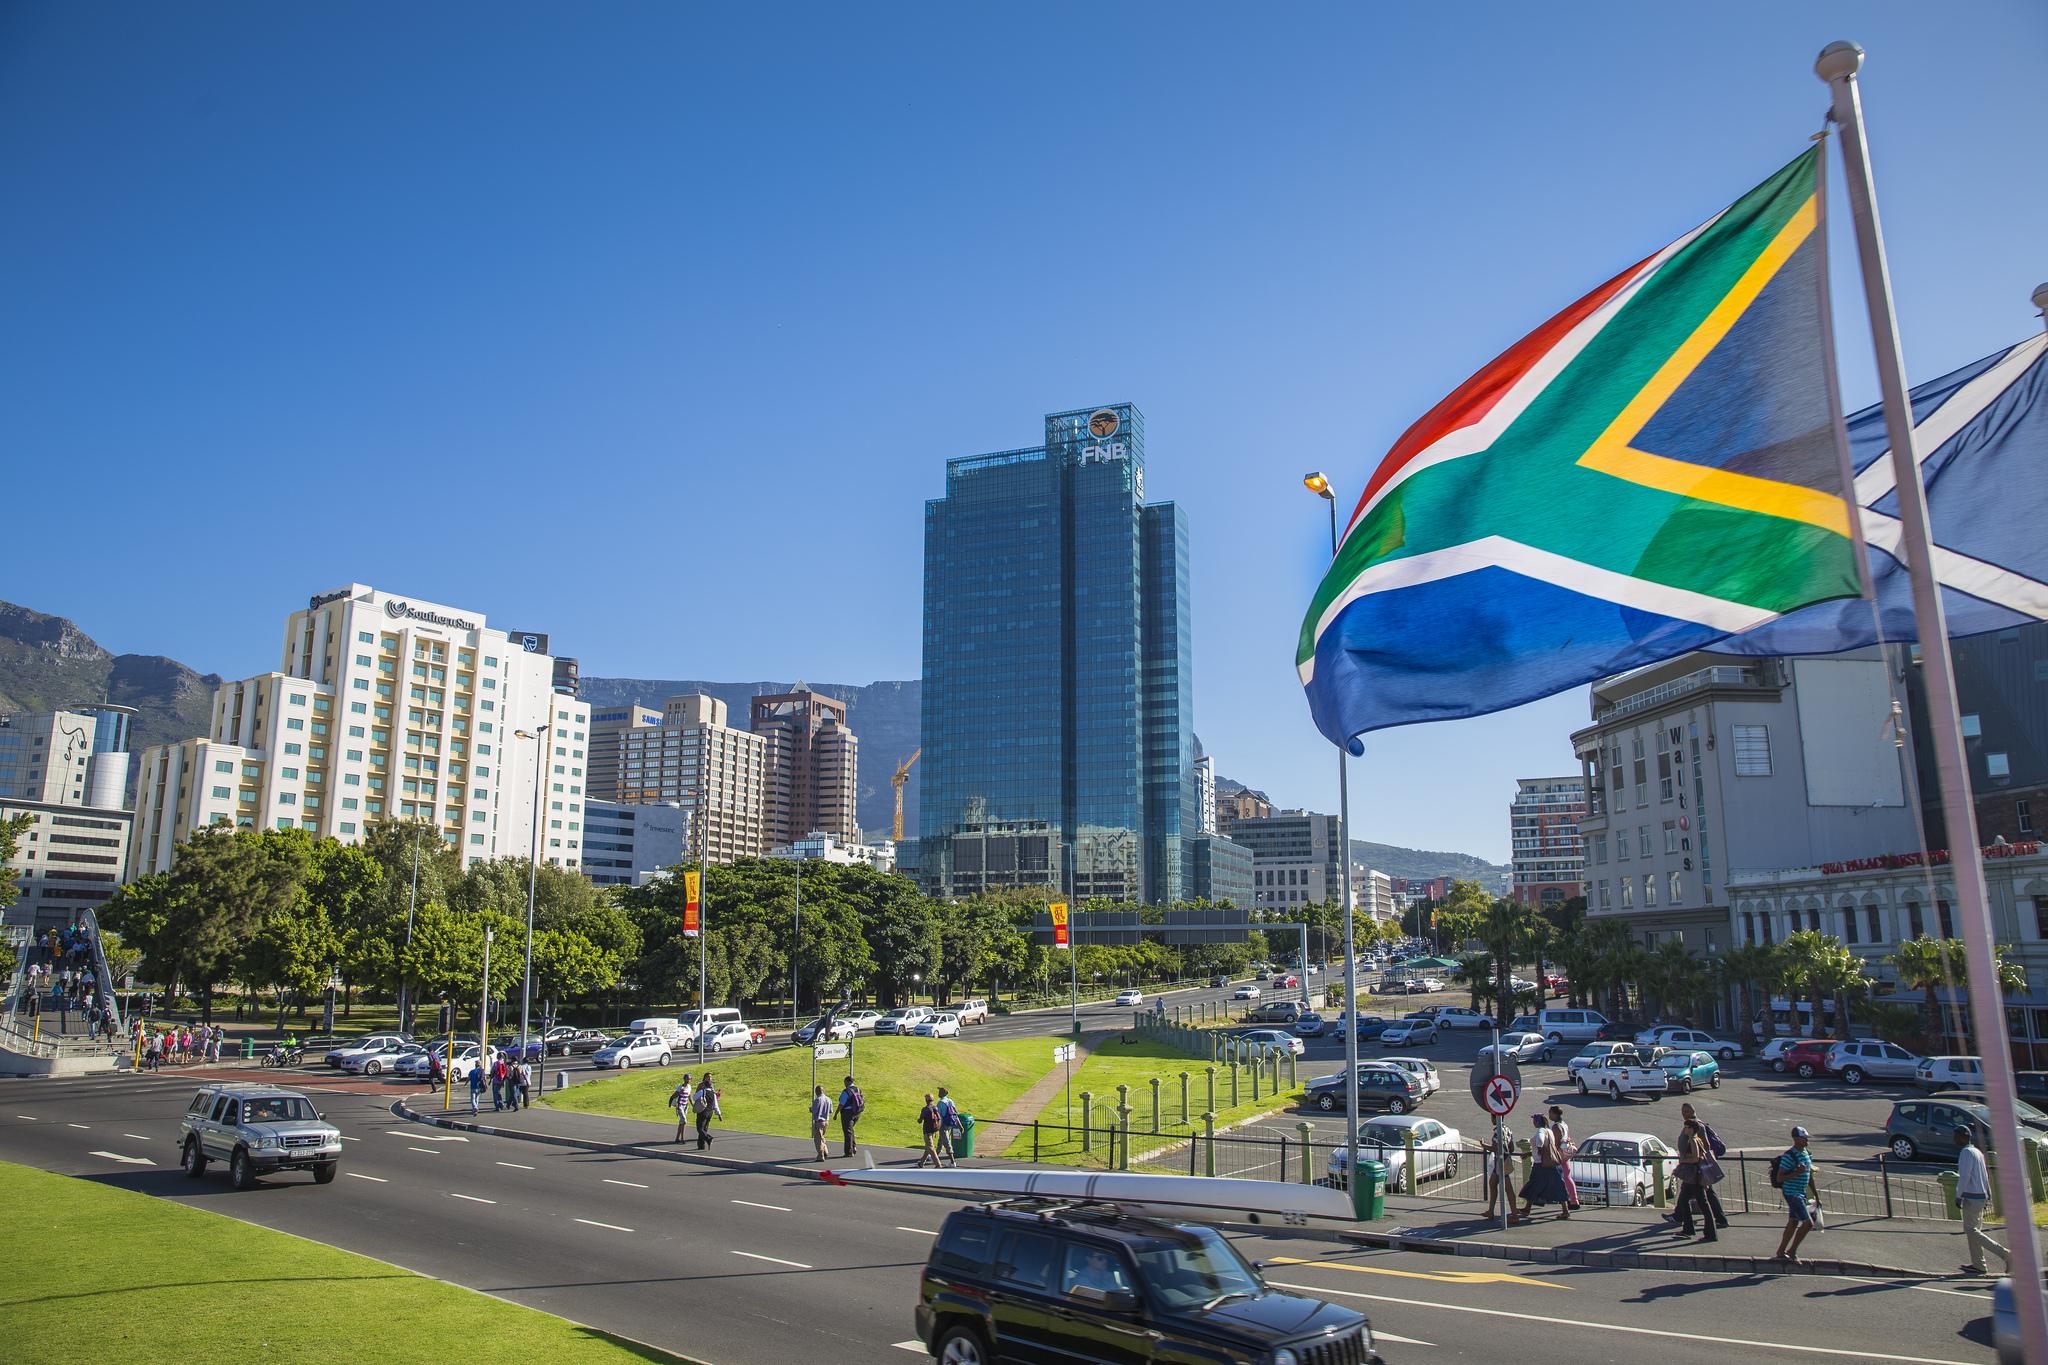 Национальный флаг ЮАР на фоне панорамы Города